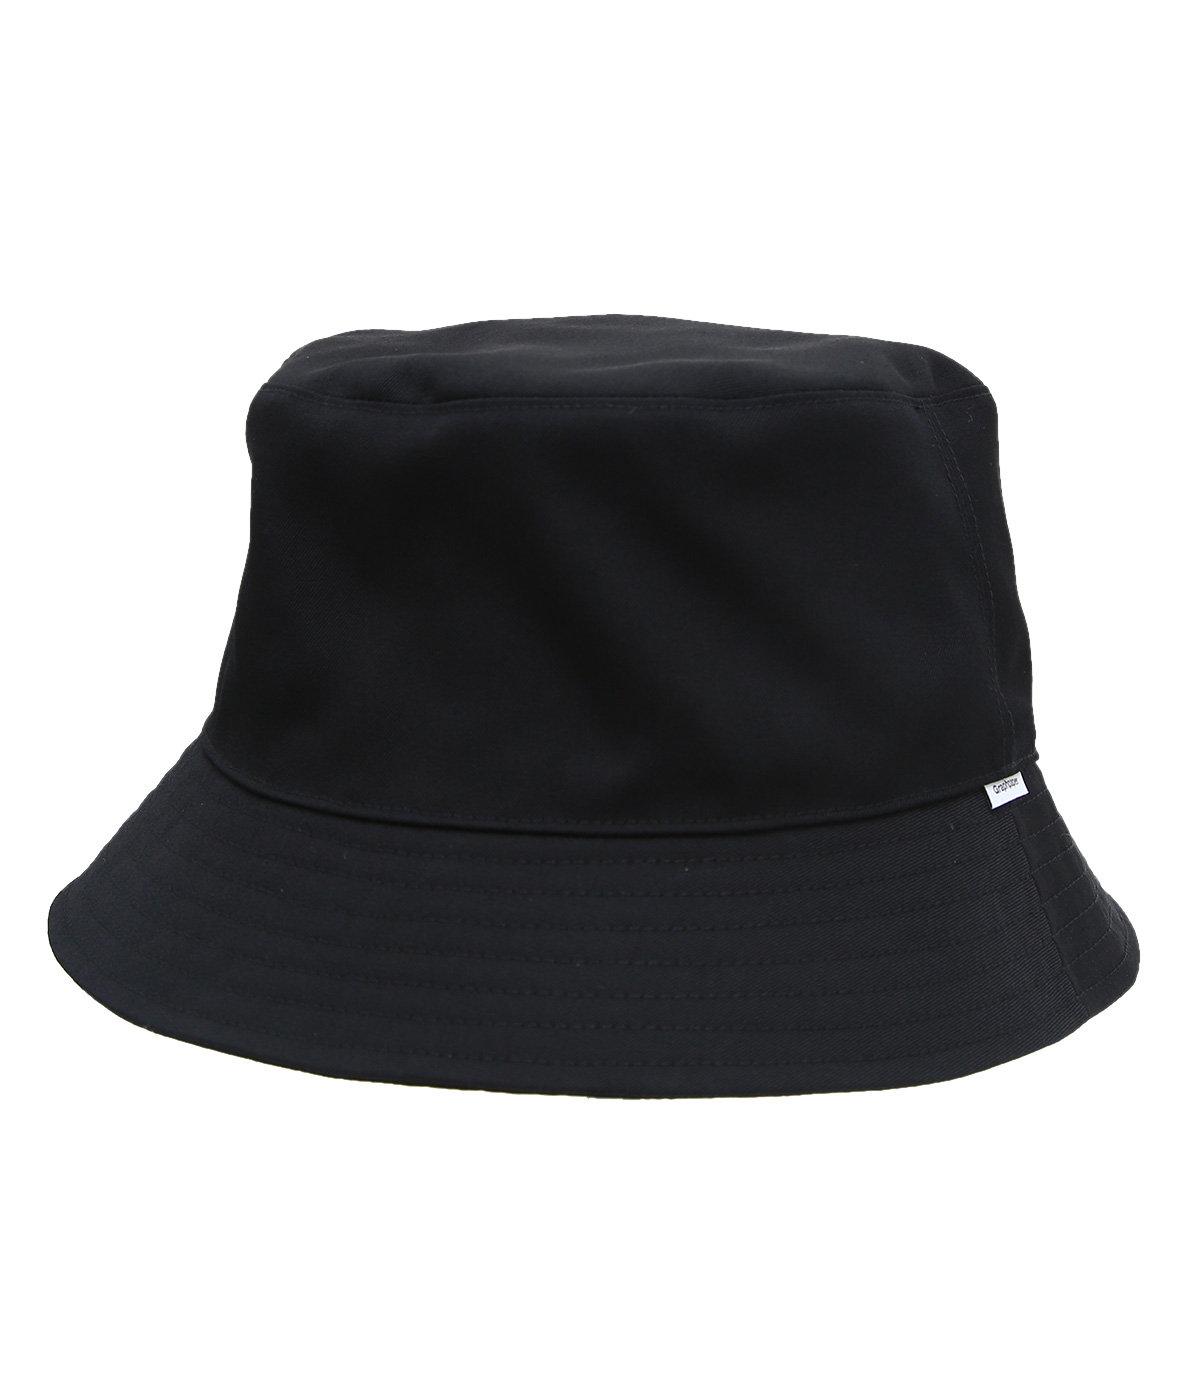 KIJIMA TAKAYUKI for Graphpaper Selvage Wool Bucket hat